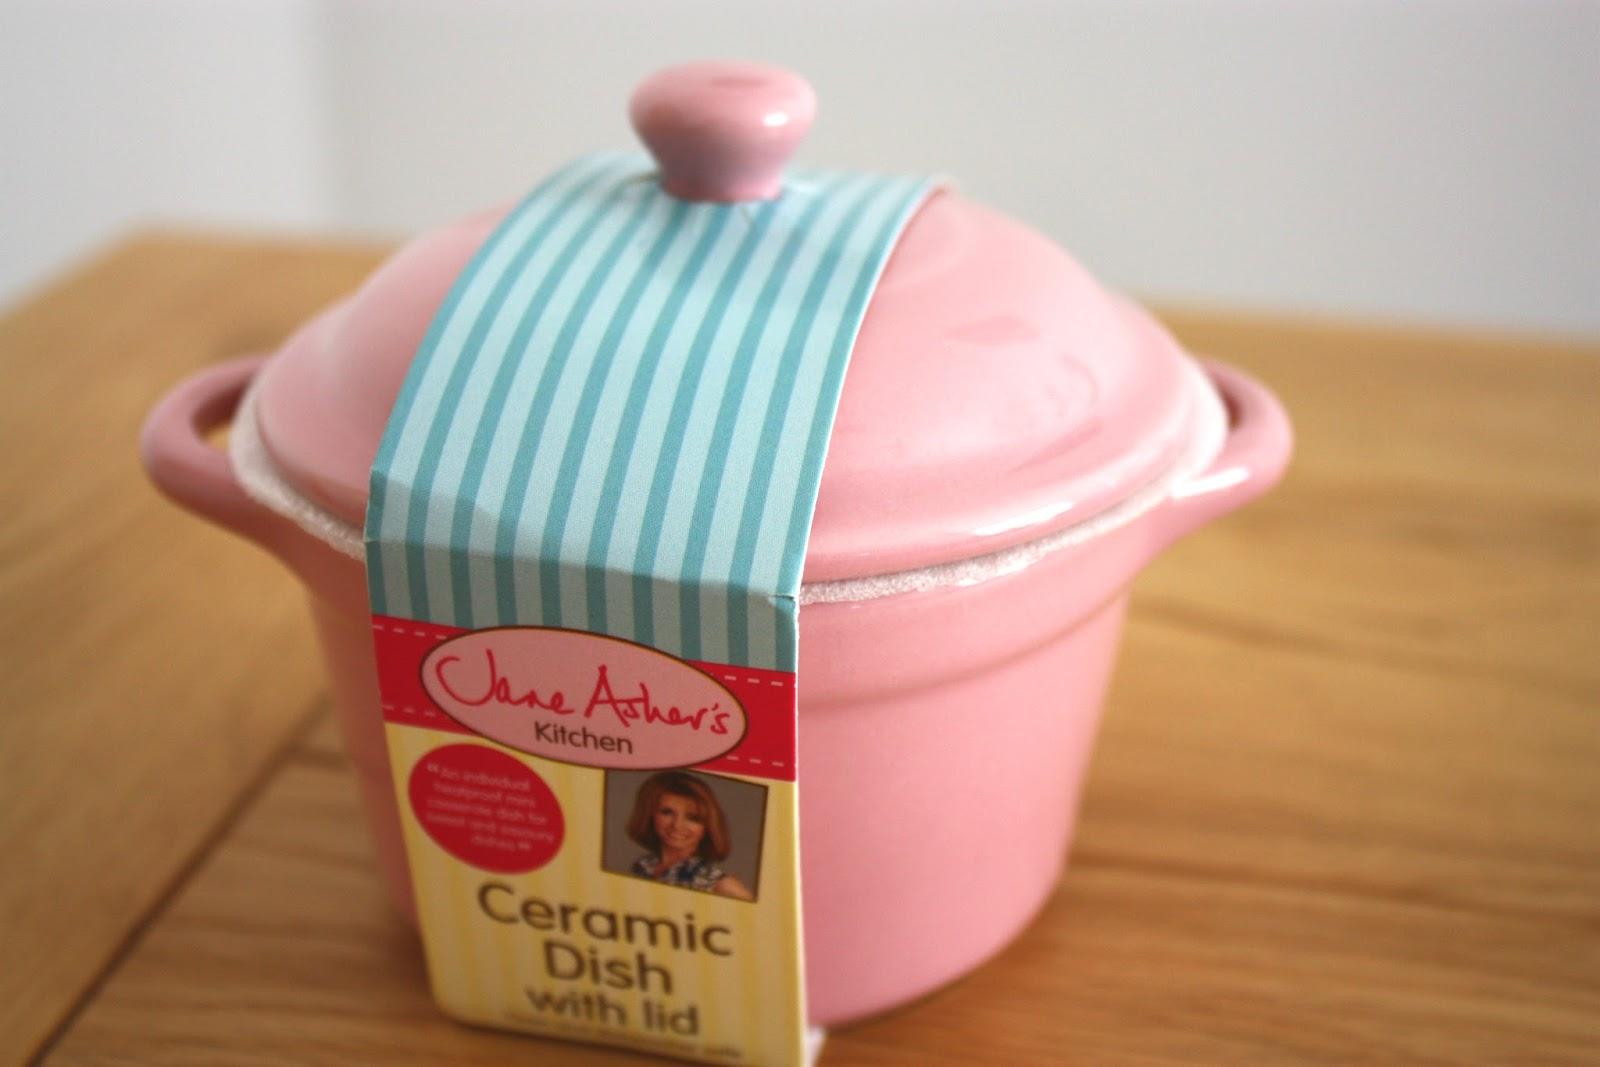 White apron poundland - Jane Asher Ceramic Dish